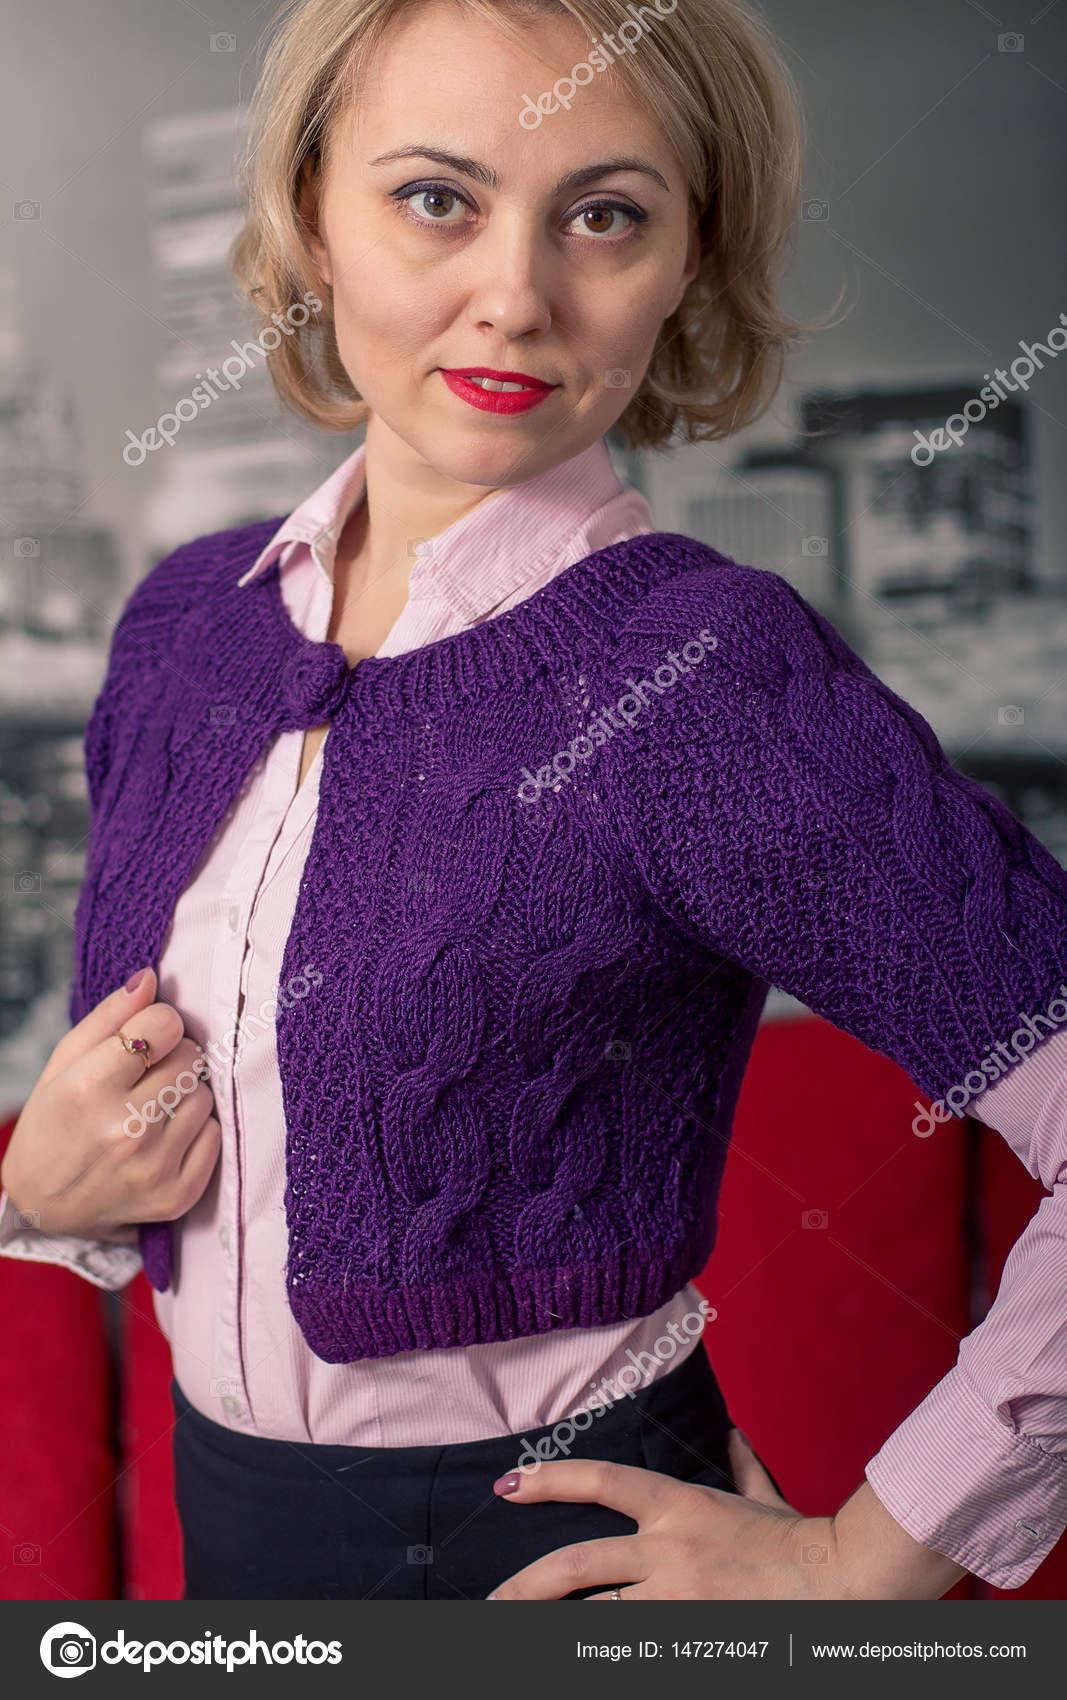 2e063c954c62 Krásná dívka v krásné pletené šaty. Styl a móda — Stock Fotografie ...